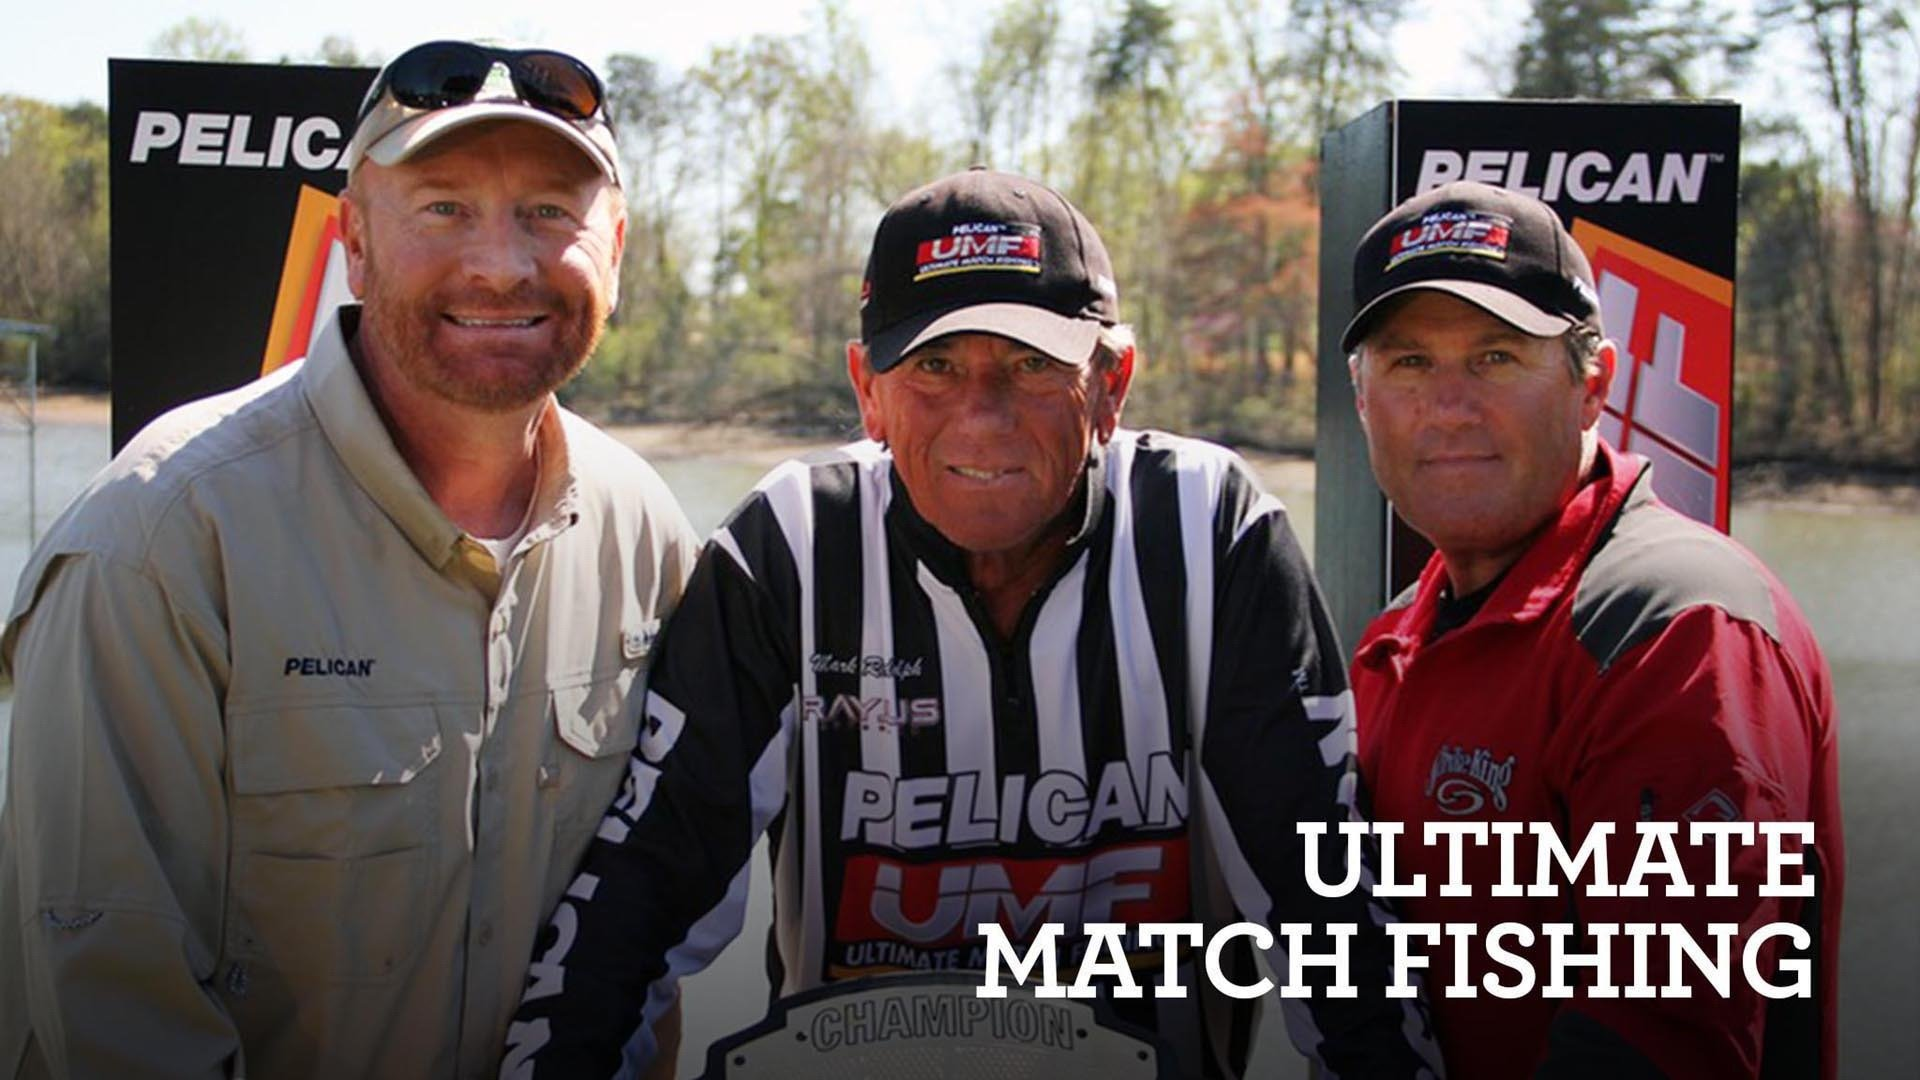 Ultimate Match Fishing